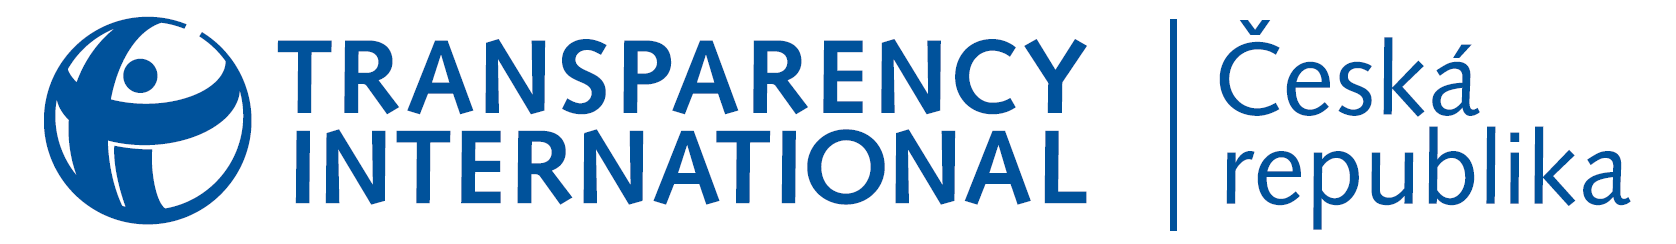 Logo_Transparency_International_Česká_republika